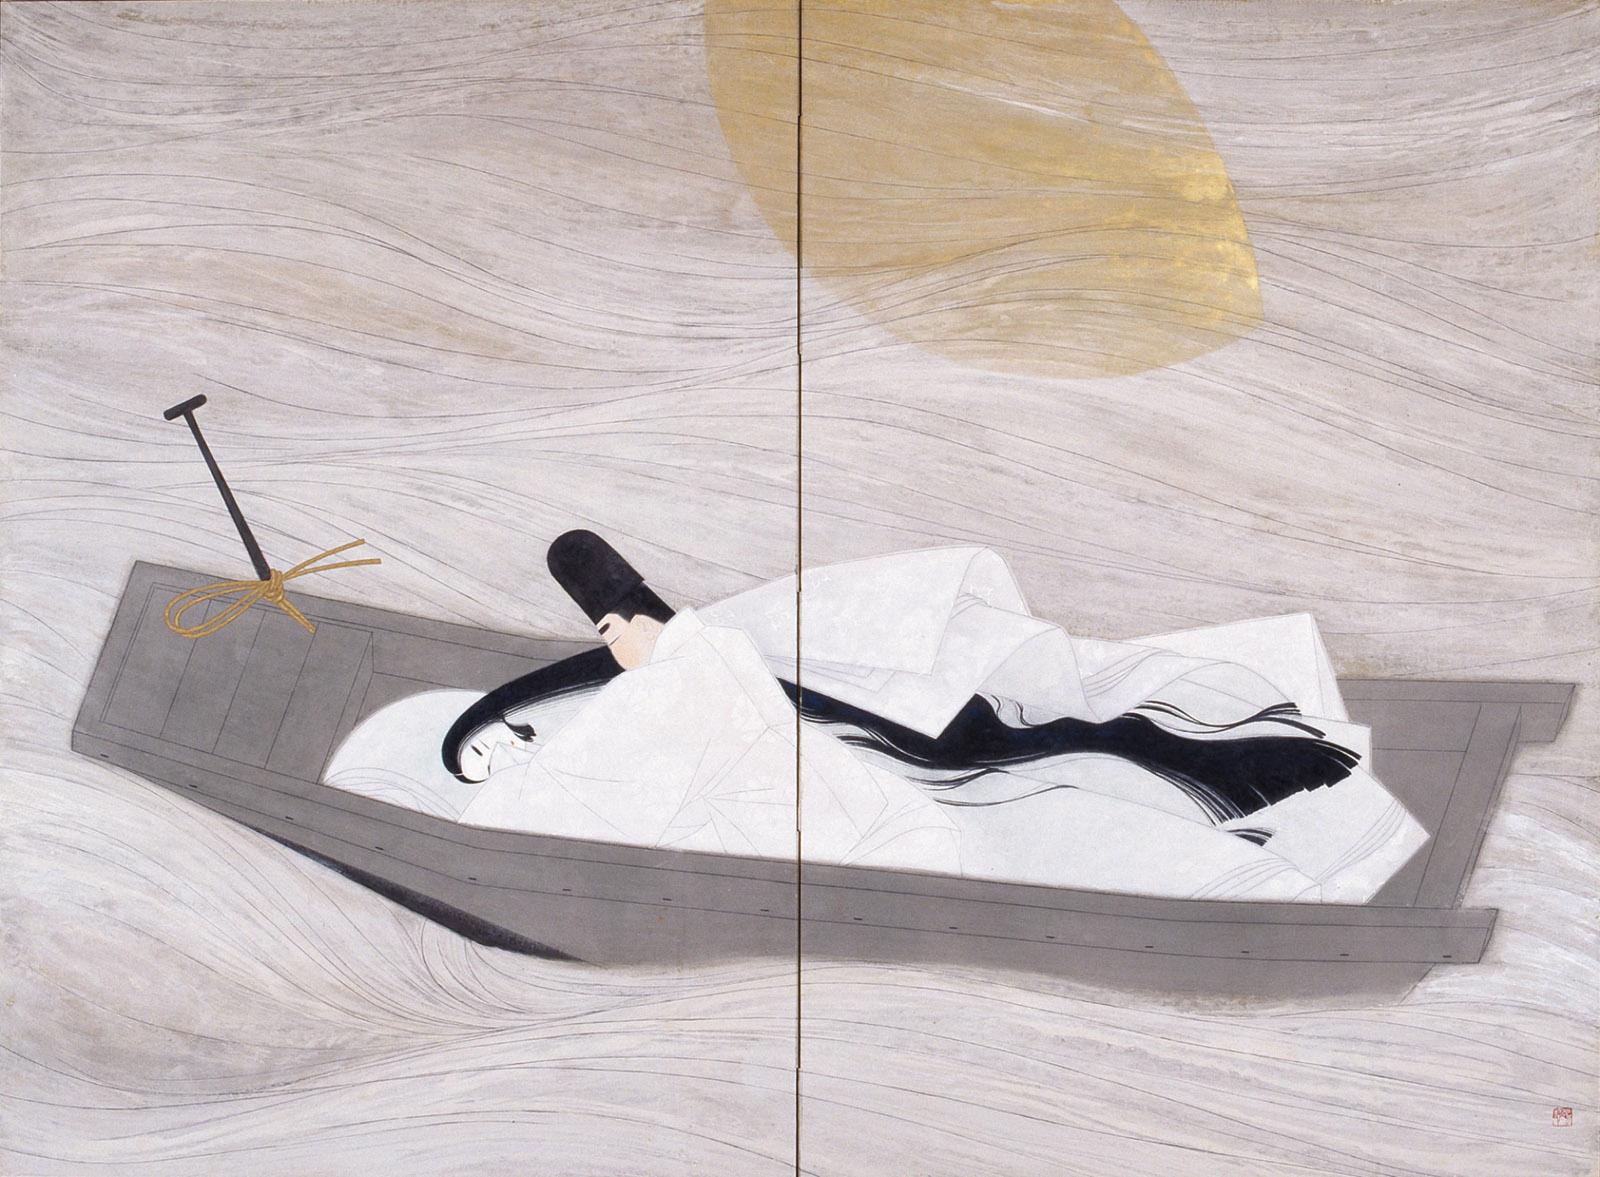 A Boat Cast Adrift (Ukifune) by Sata Yoshirō